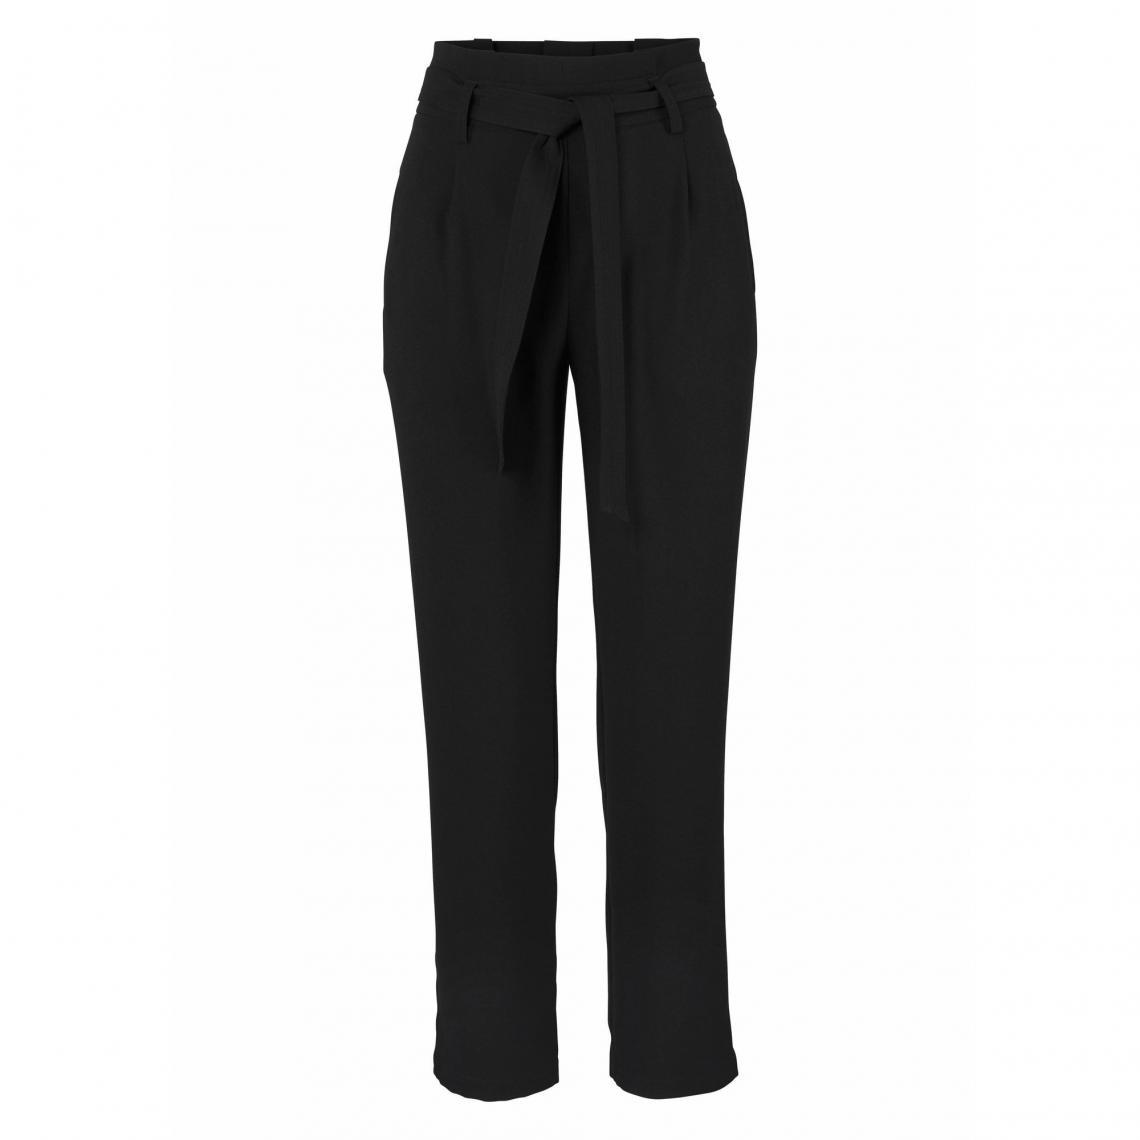 Pantalon taille haute avec ceinture à nouer femme AJC - Noir Za3b7